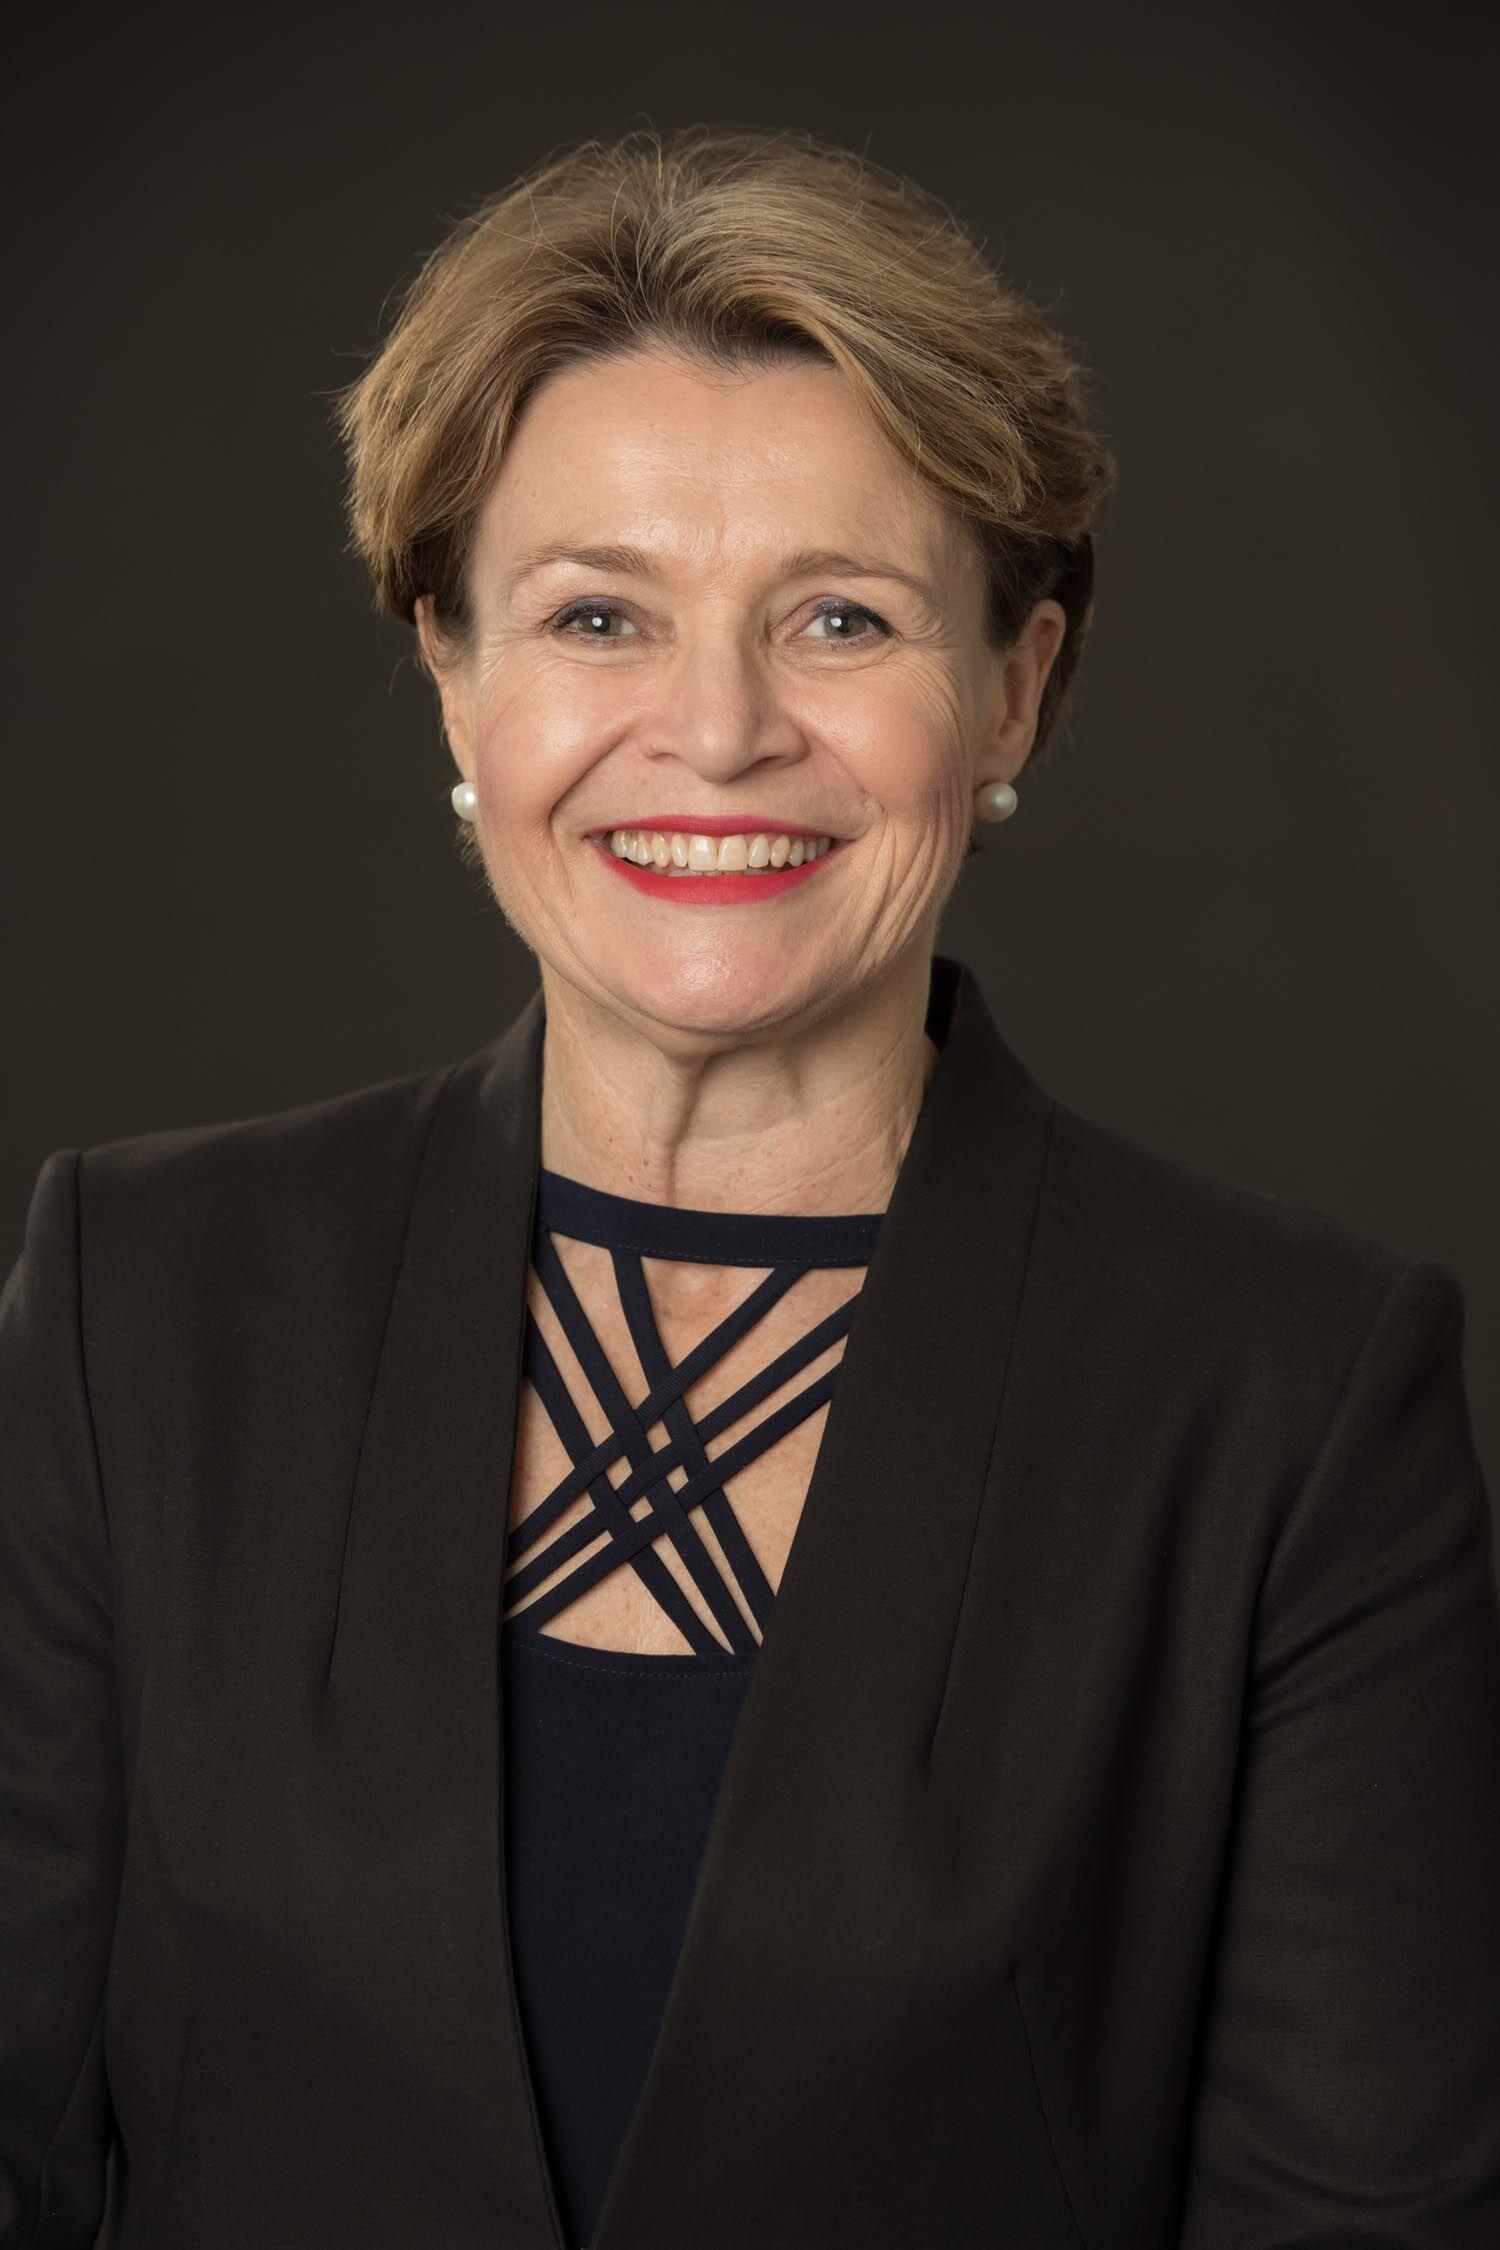 Photo of Professor Joanne Gray